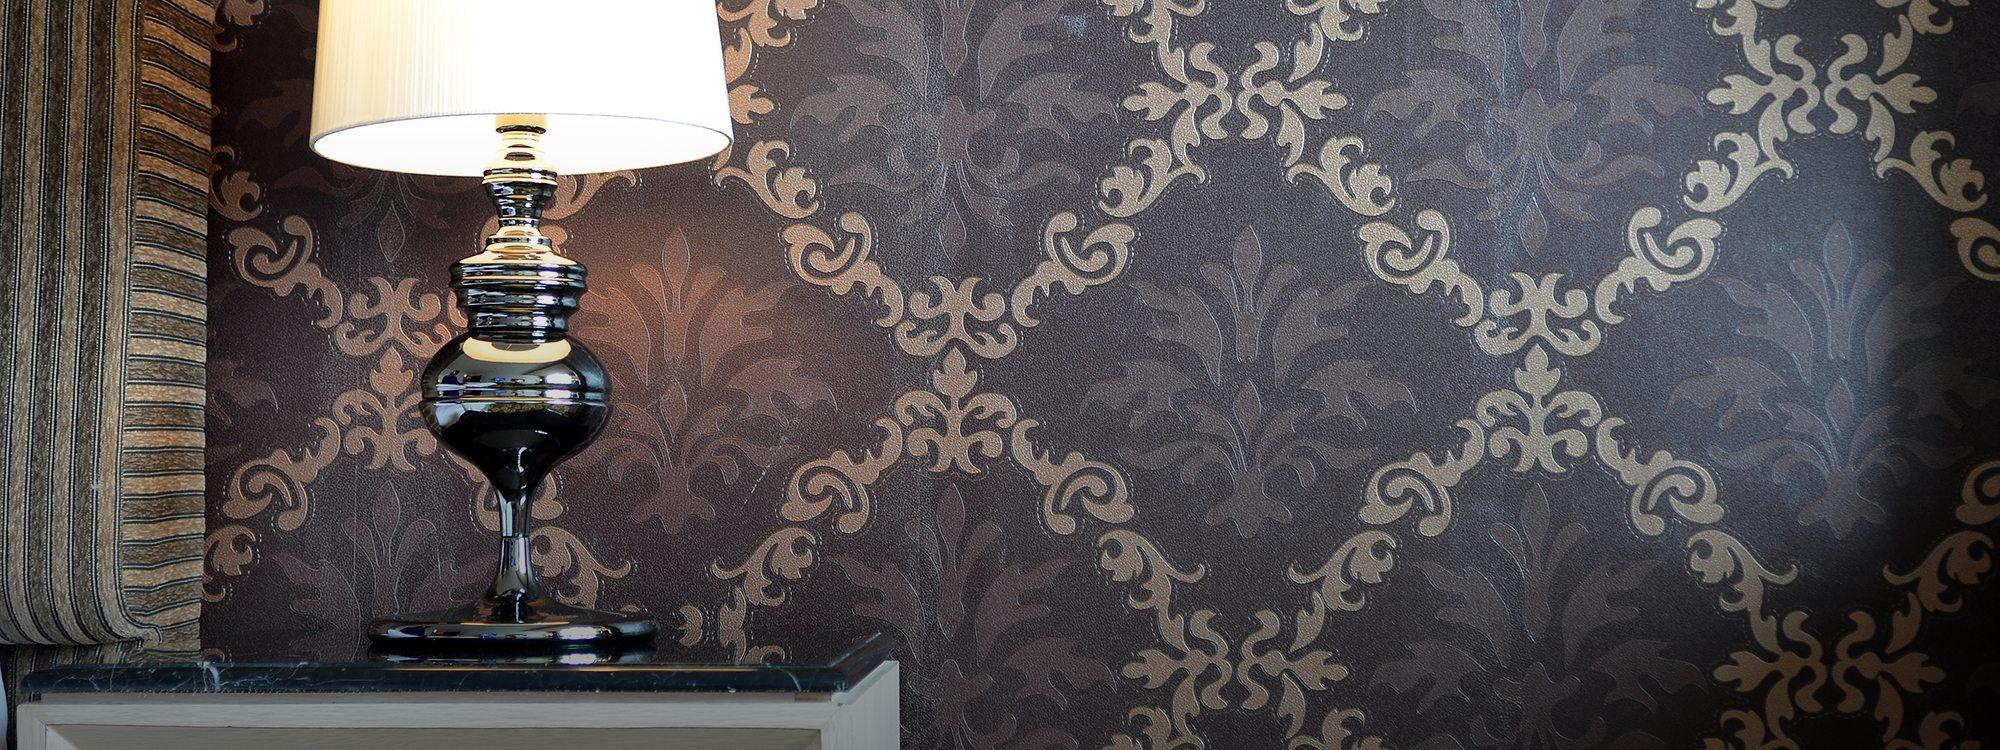 Wallpaper Interior Design Ideas Creative Haus Design